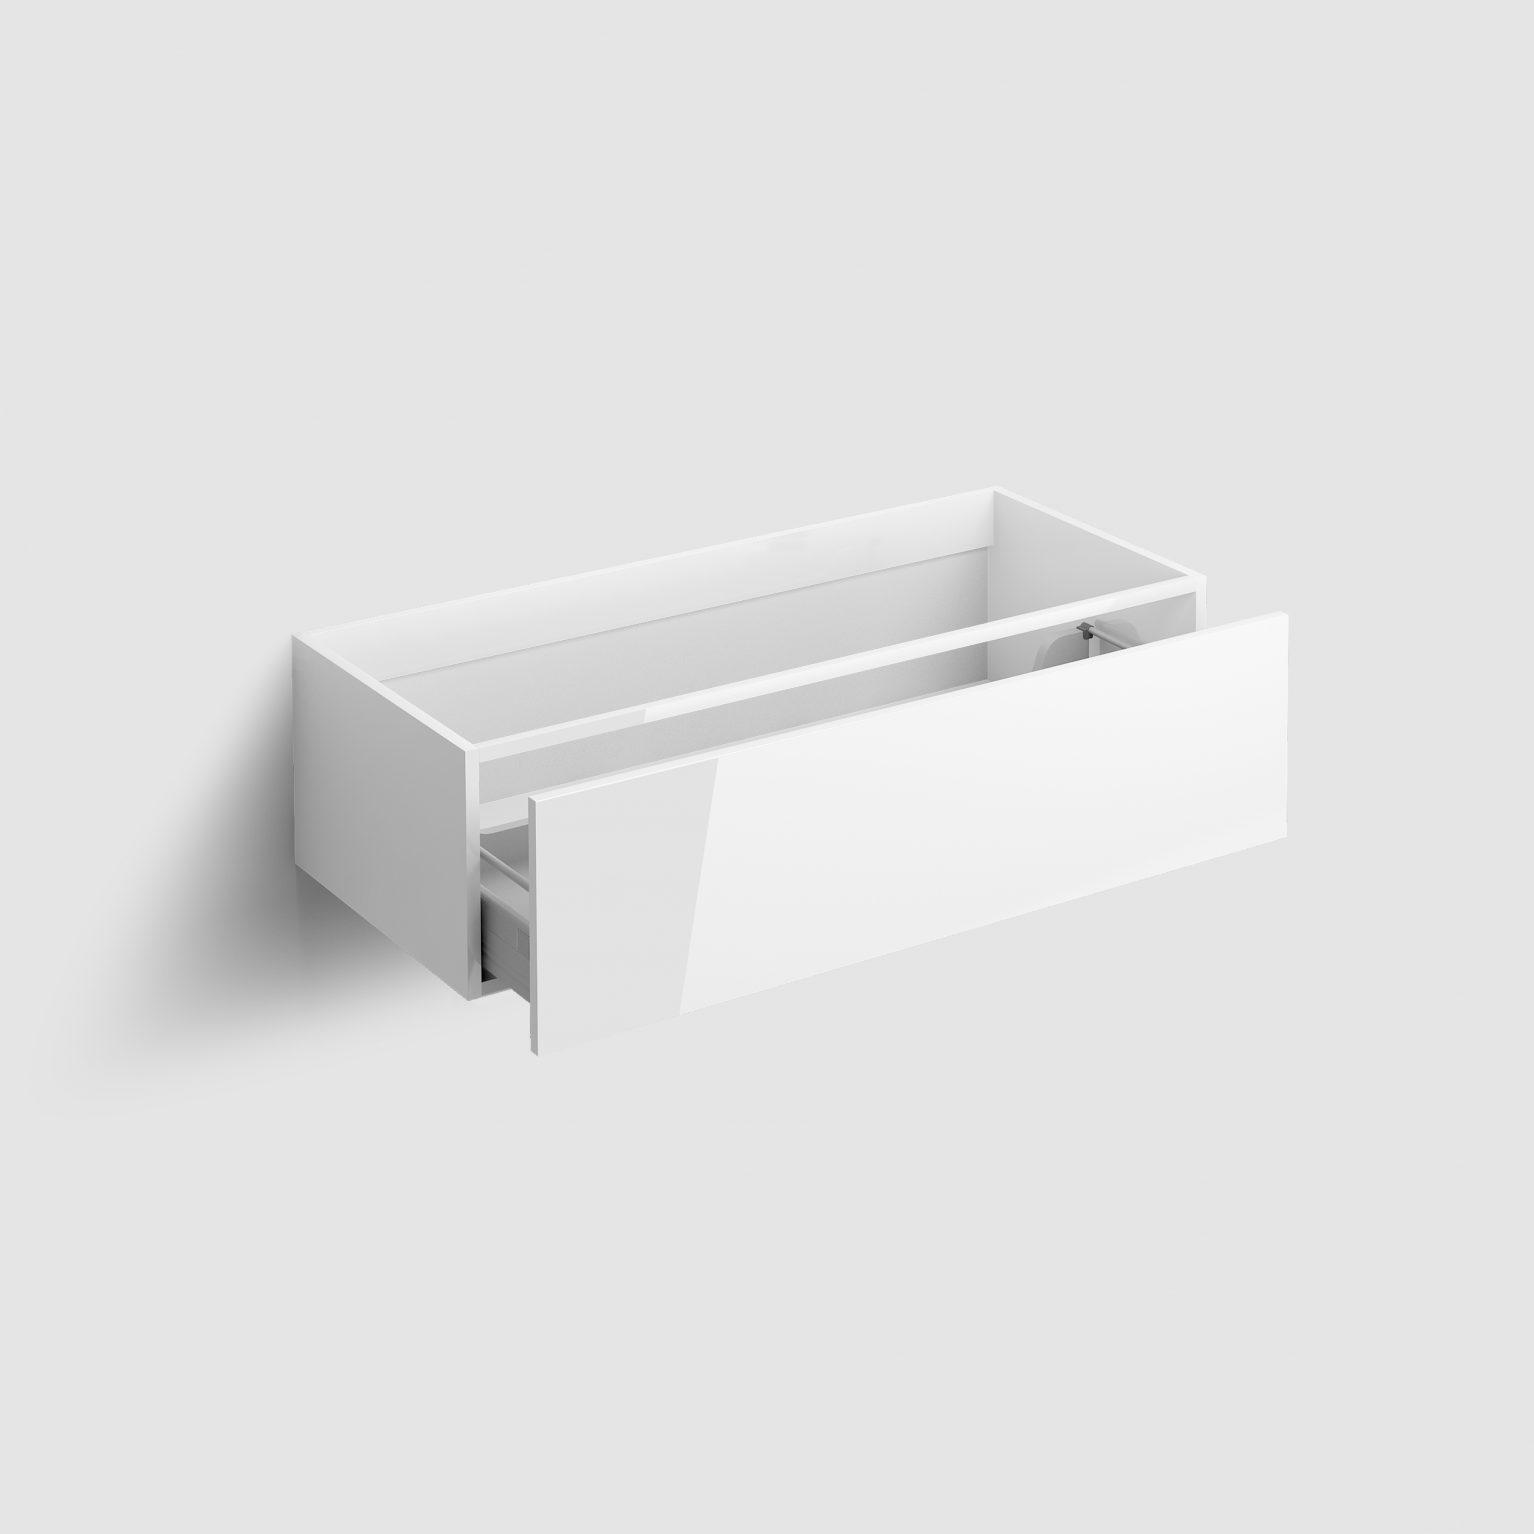 Hammock ladekast 110cm met push-to-open lade, wit hoogglans)